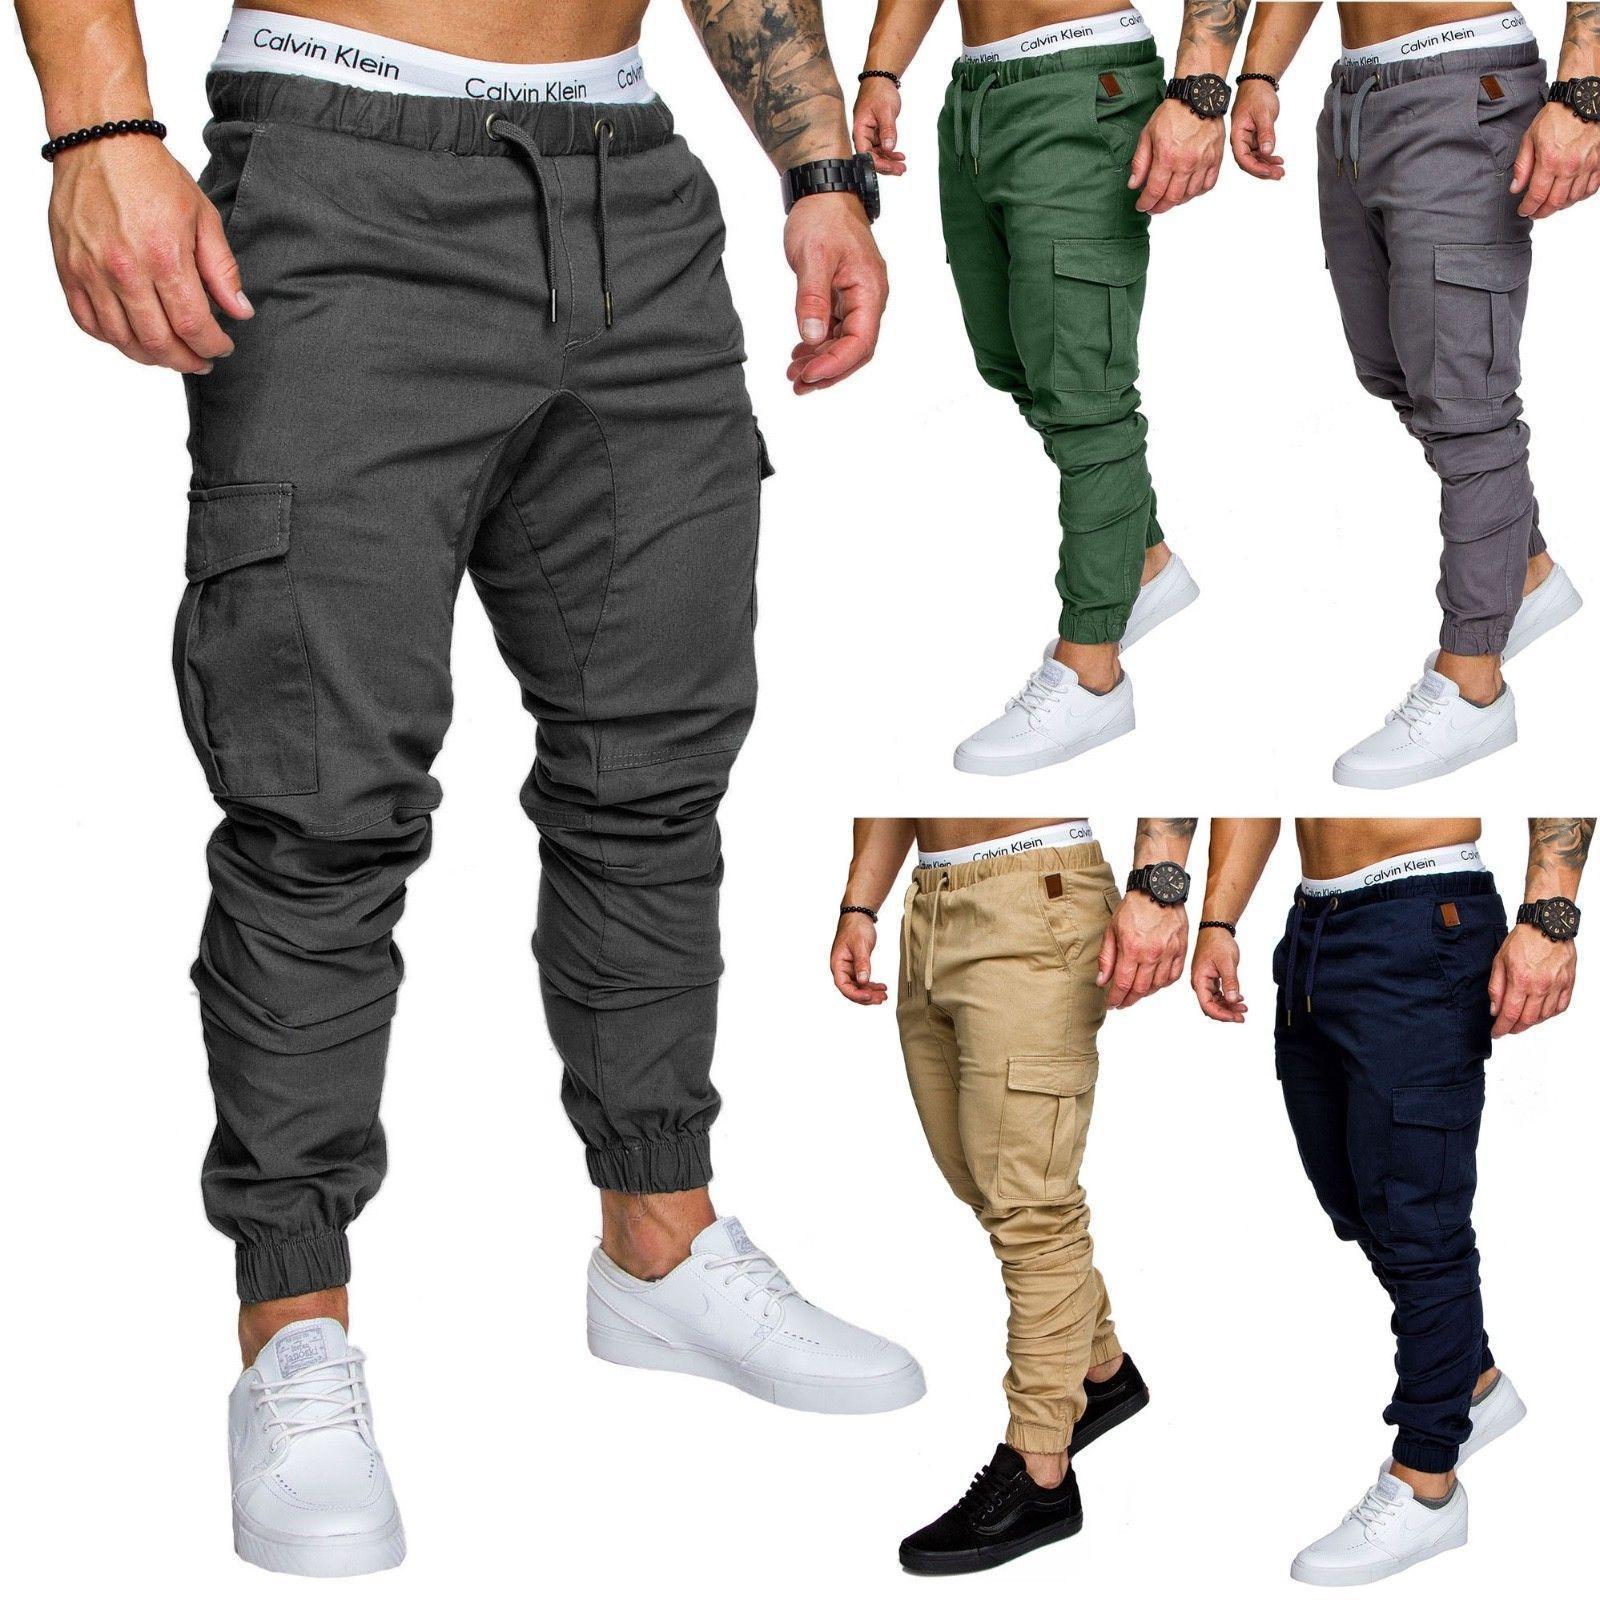 Compre 2018 Hombres De La Marca Pantalones De Hip Hop Pantalones Harem  Joggers 2018 Pantalones Masculinos Para Hombre Joggers Pantalones  Multibolsillo ... a8daf25de27